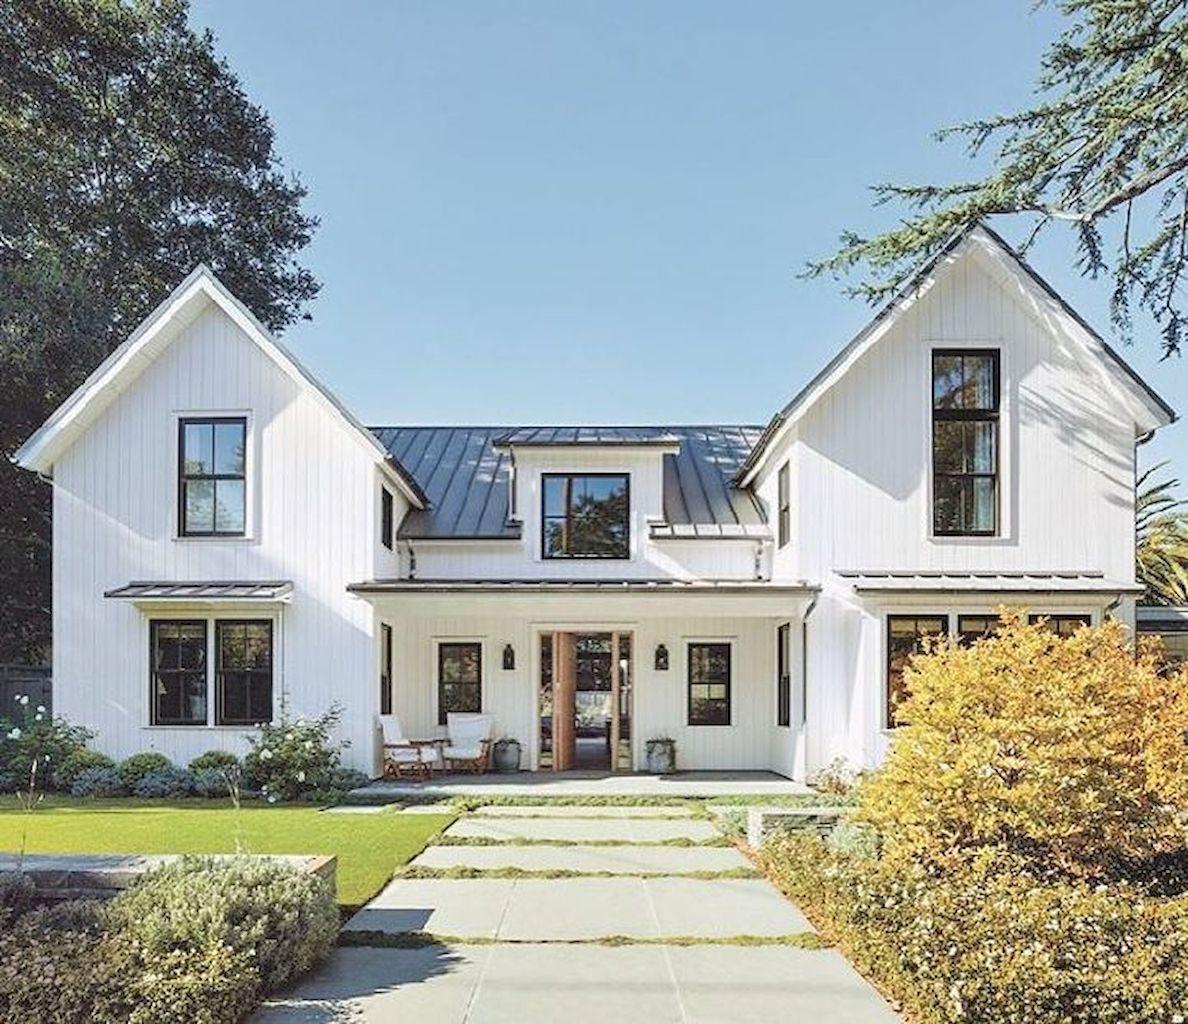 Gorgeous modern farmhouse exterior design ideas 24